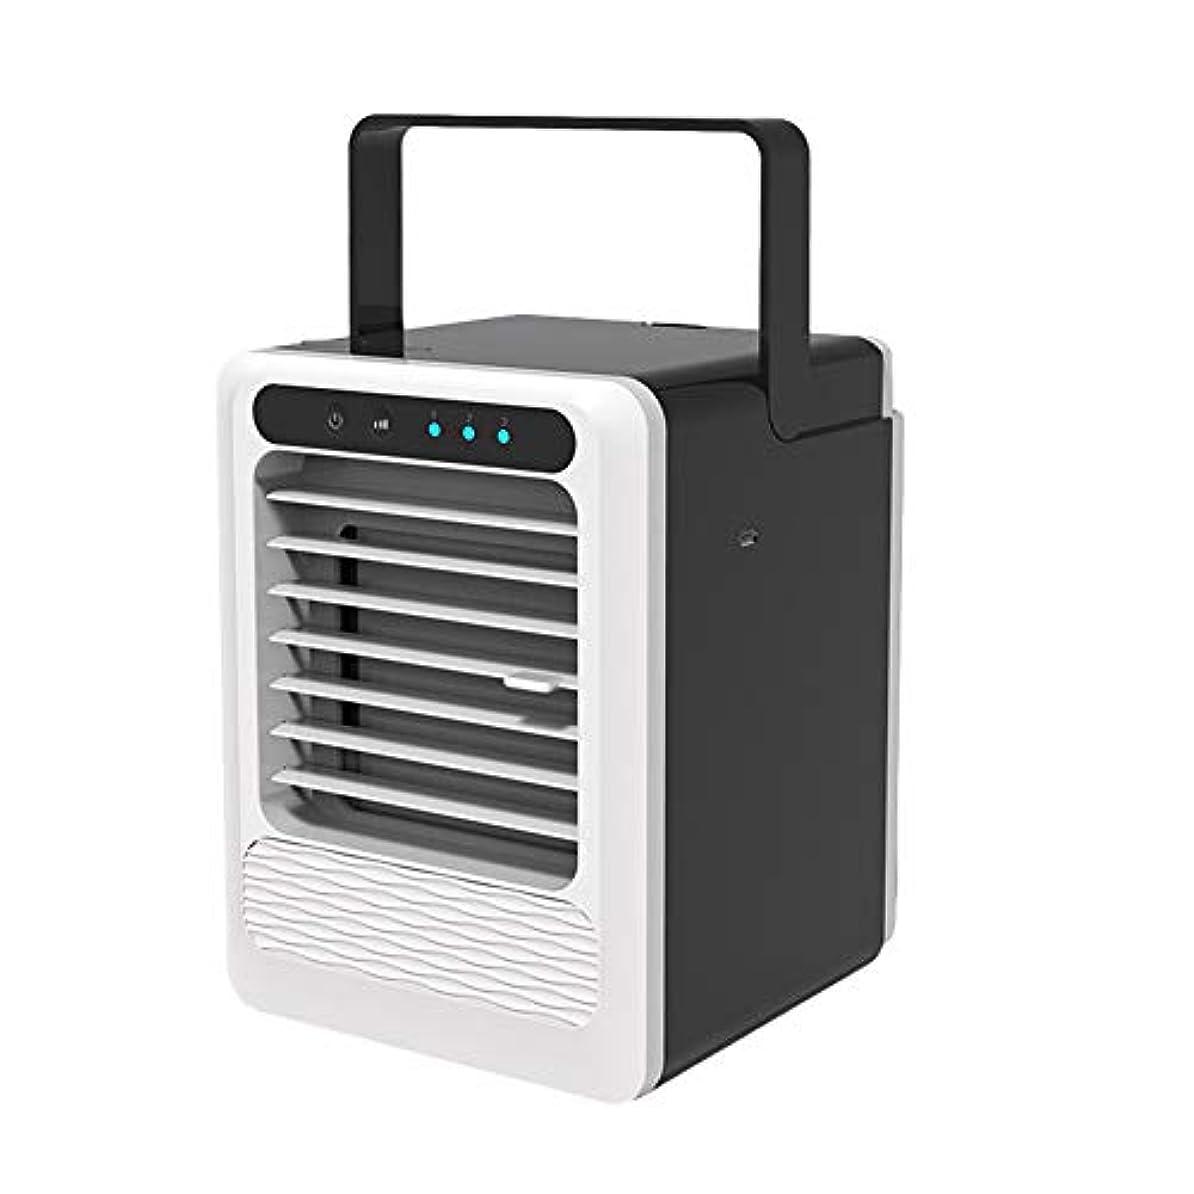 ハッチセレナ支給ベッドルームリビングルームオフィスに適しエアコンミニポータブルサイレント空気冷却器のUSB加湿器空気清浄機